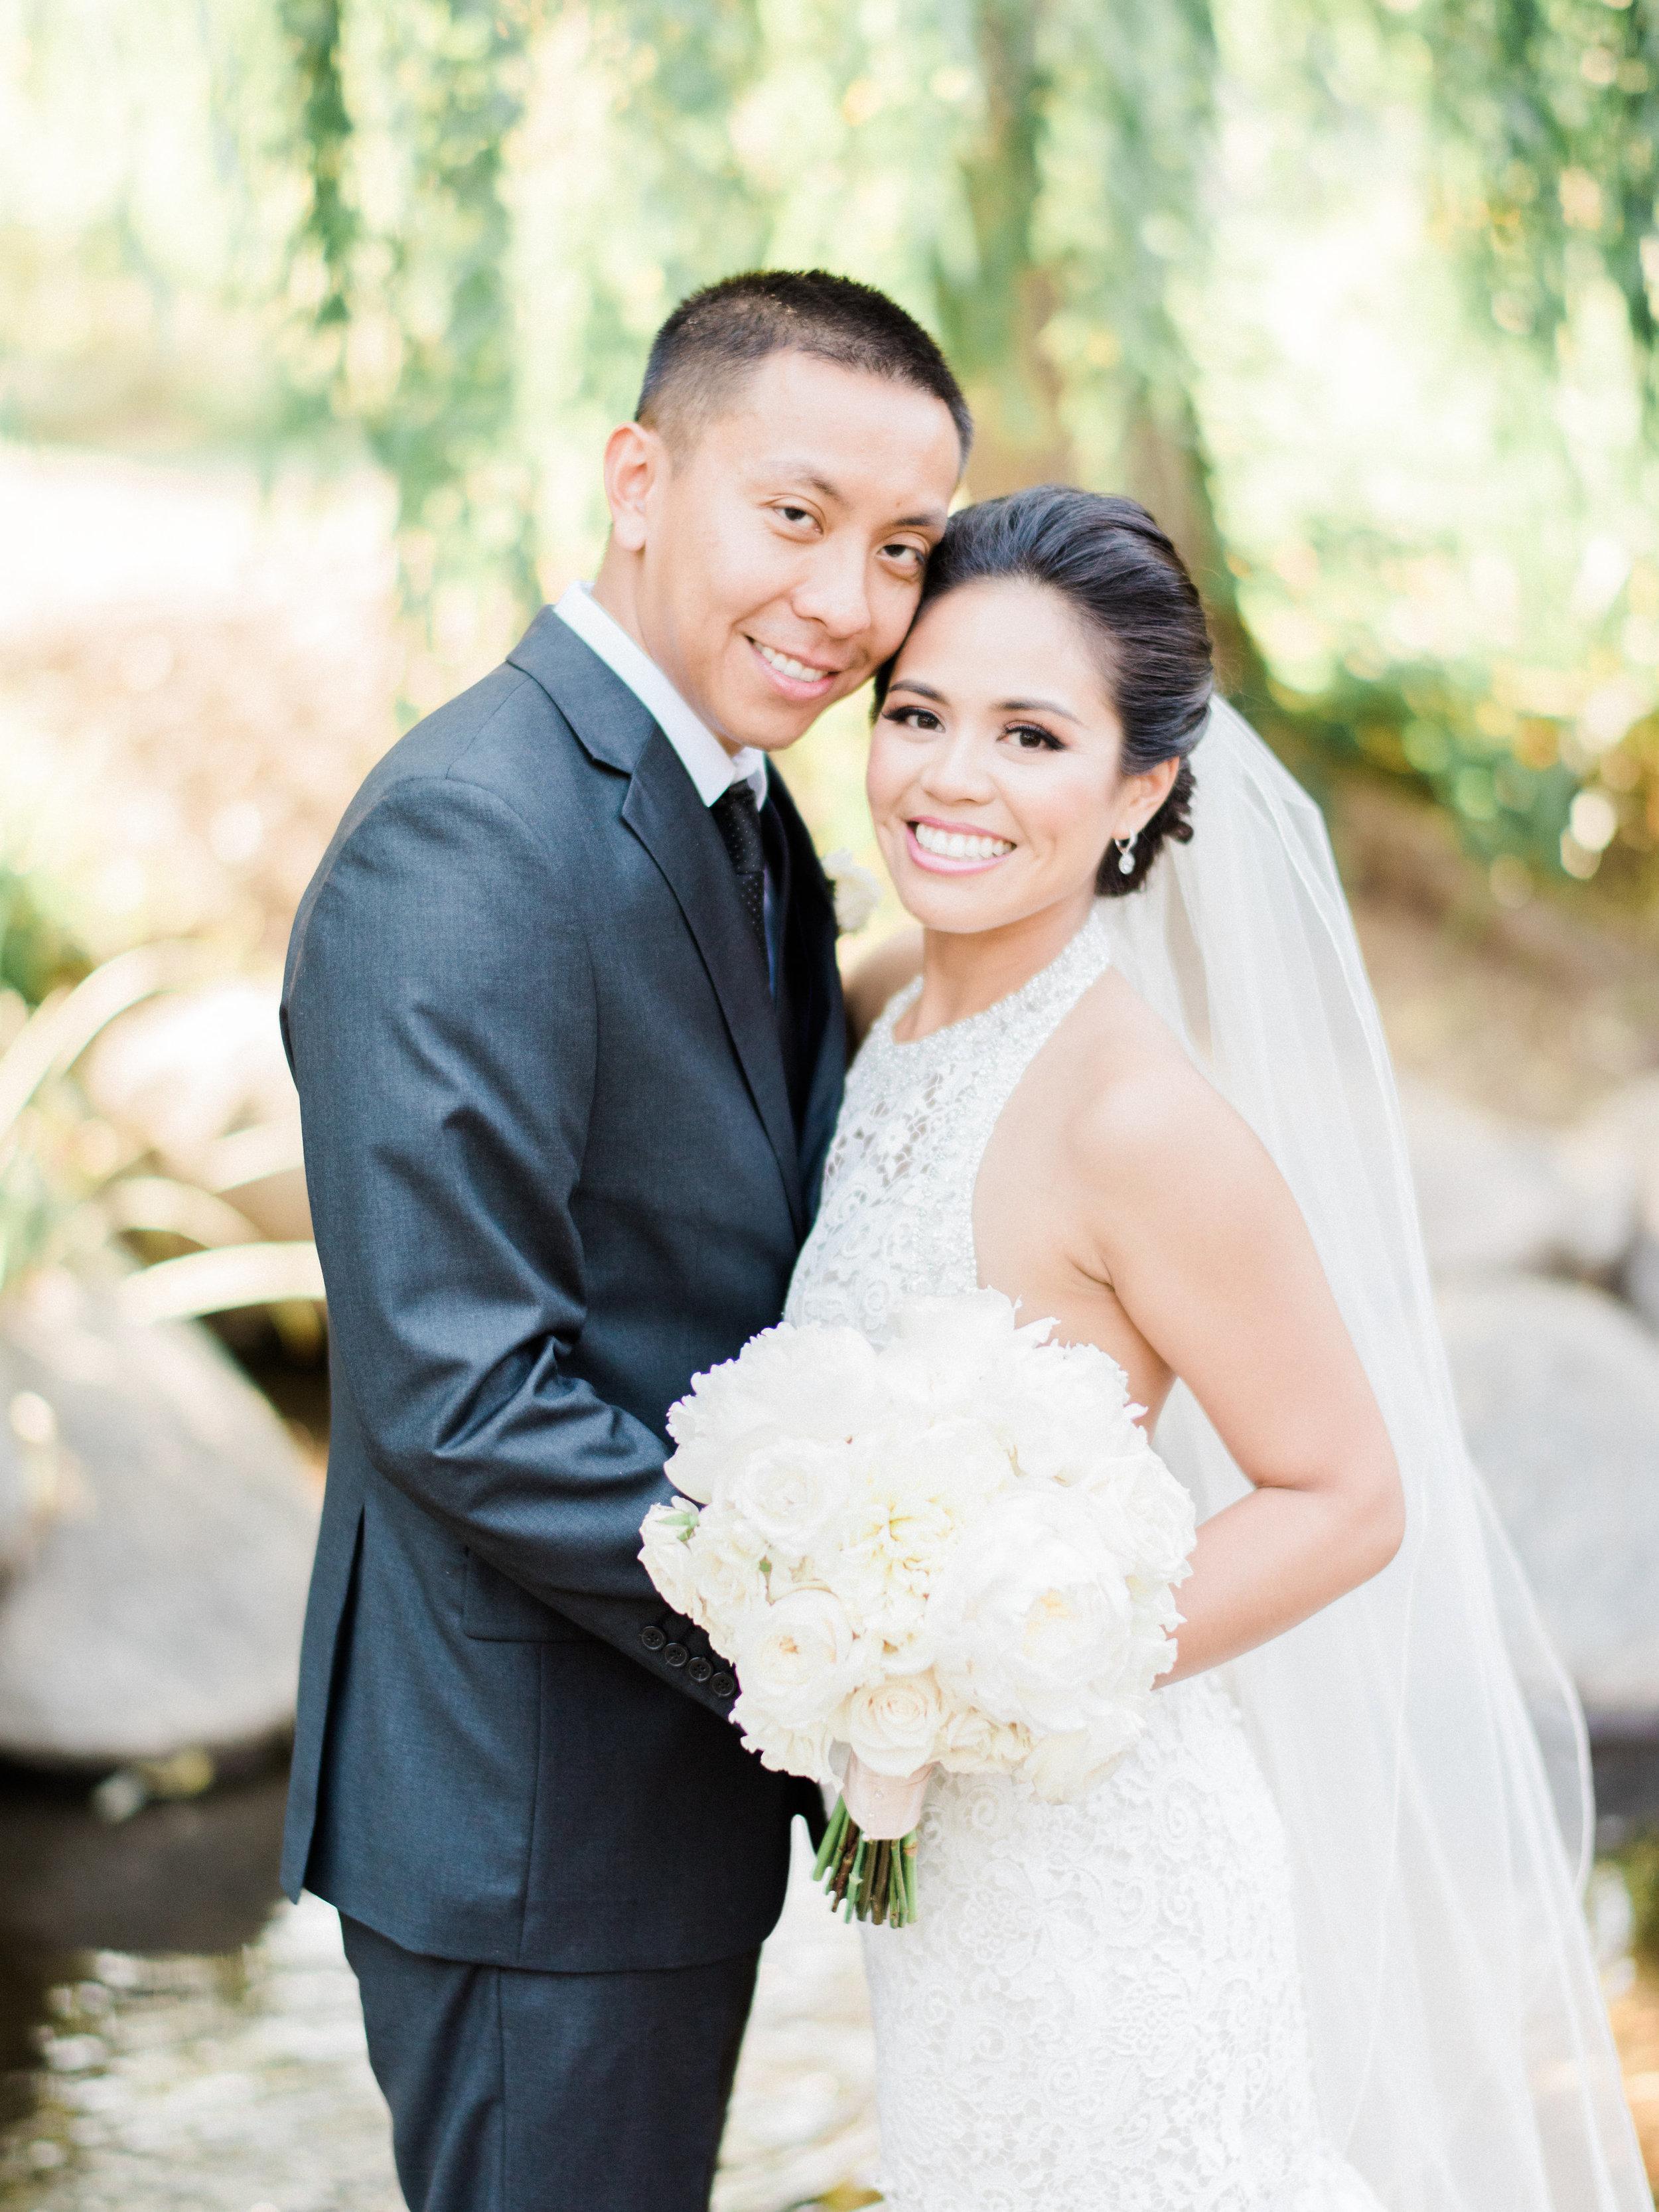 lilibethandjoey-wedding-544.jpg